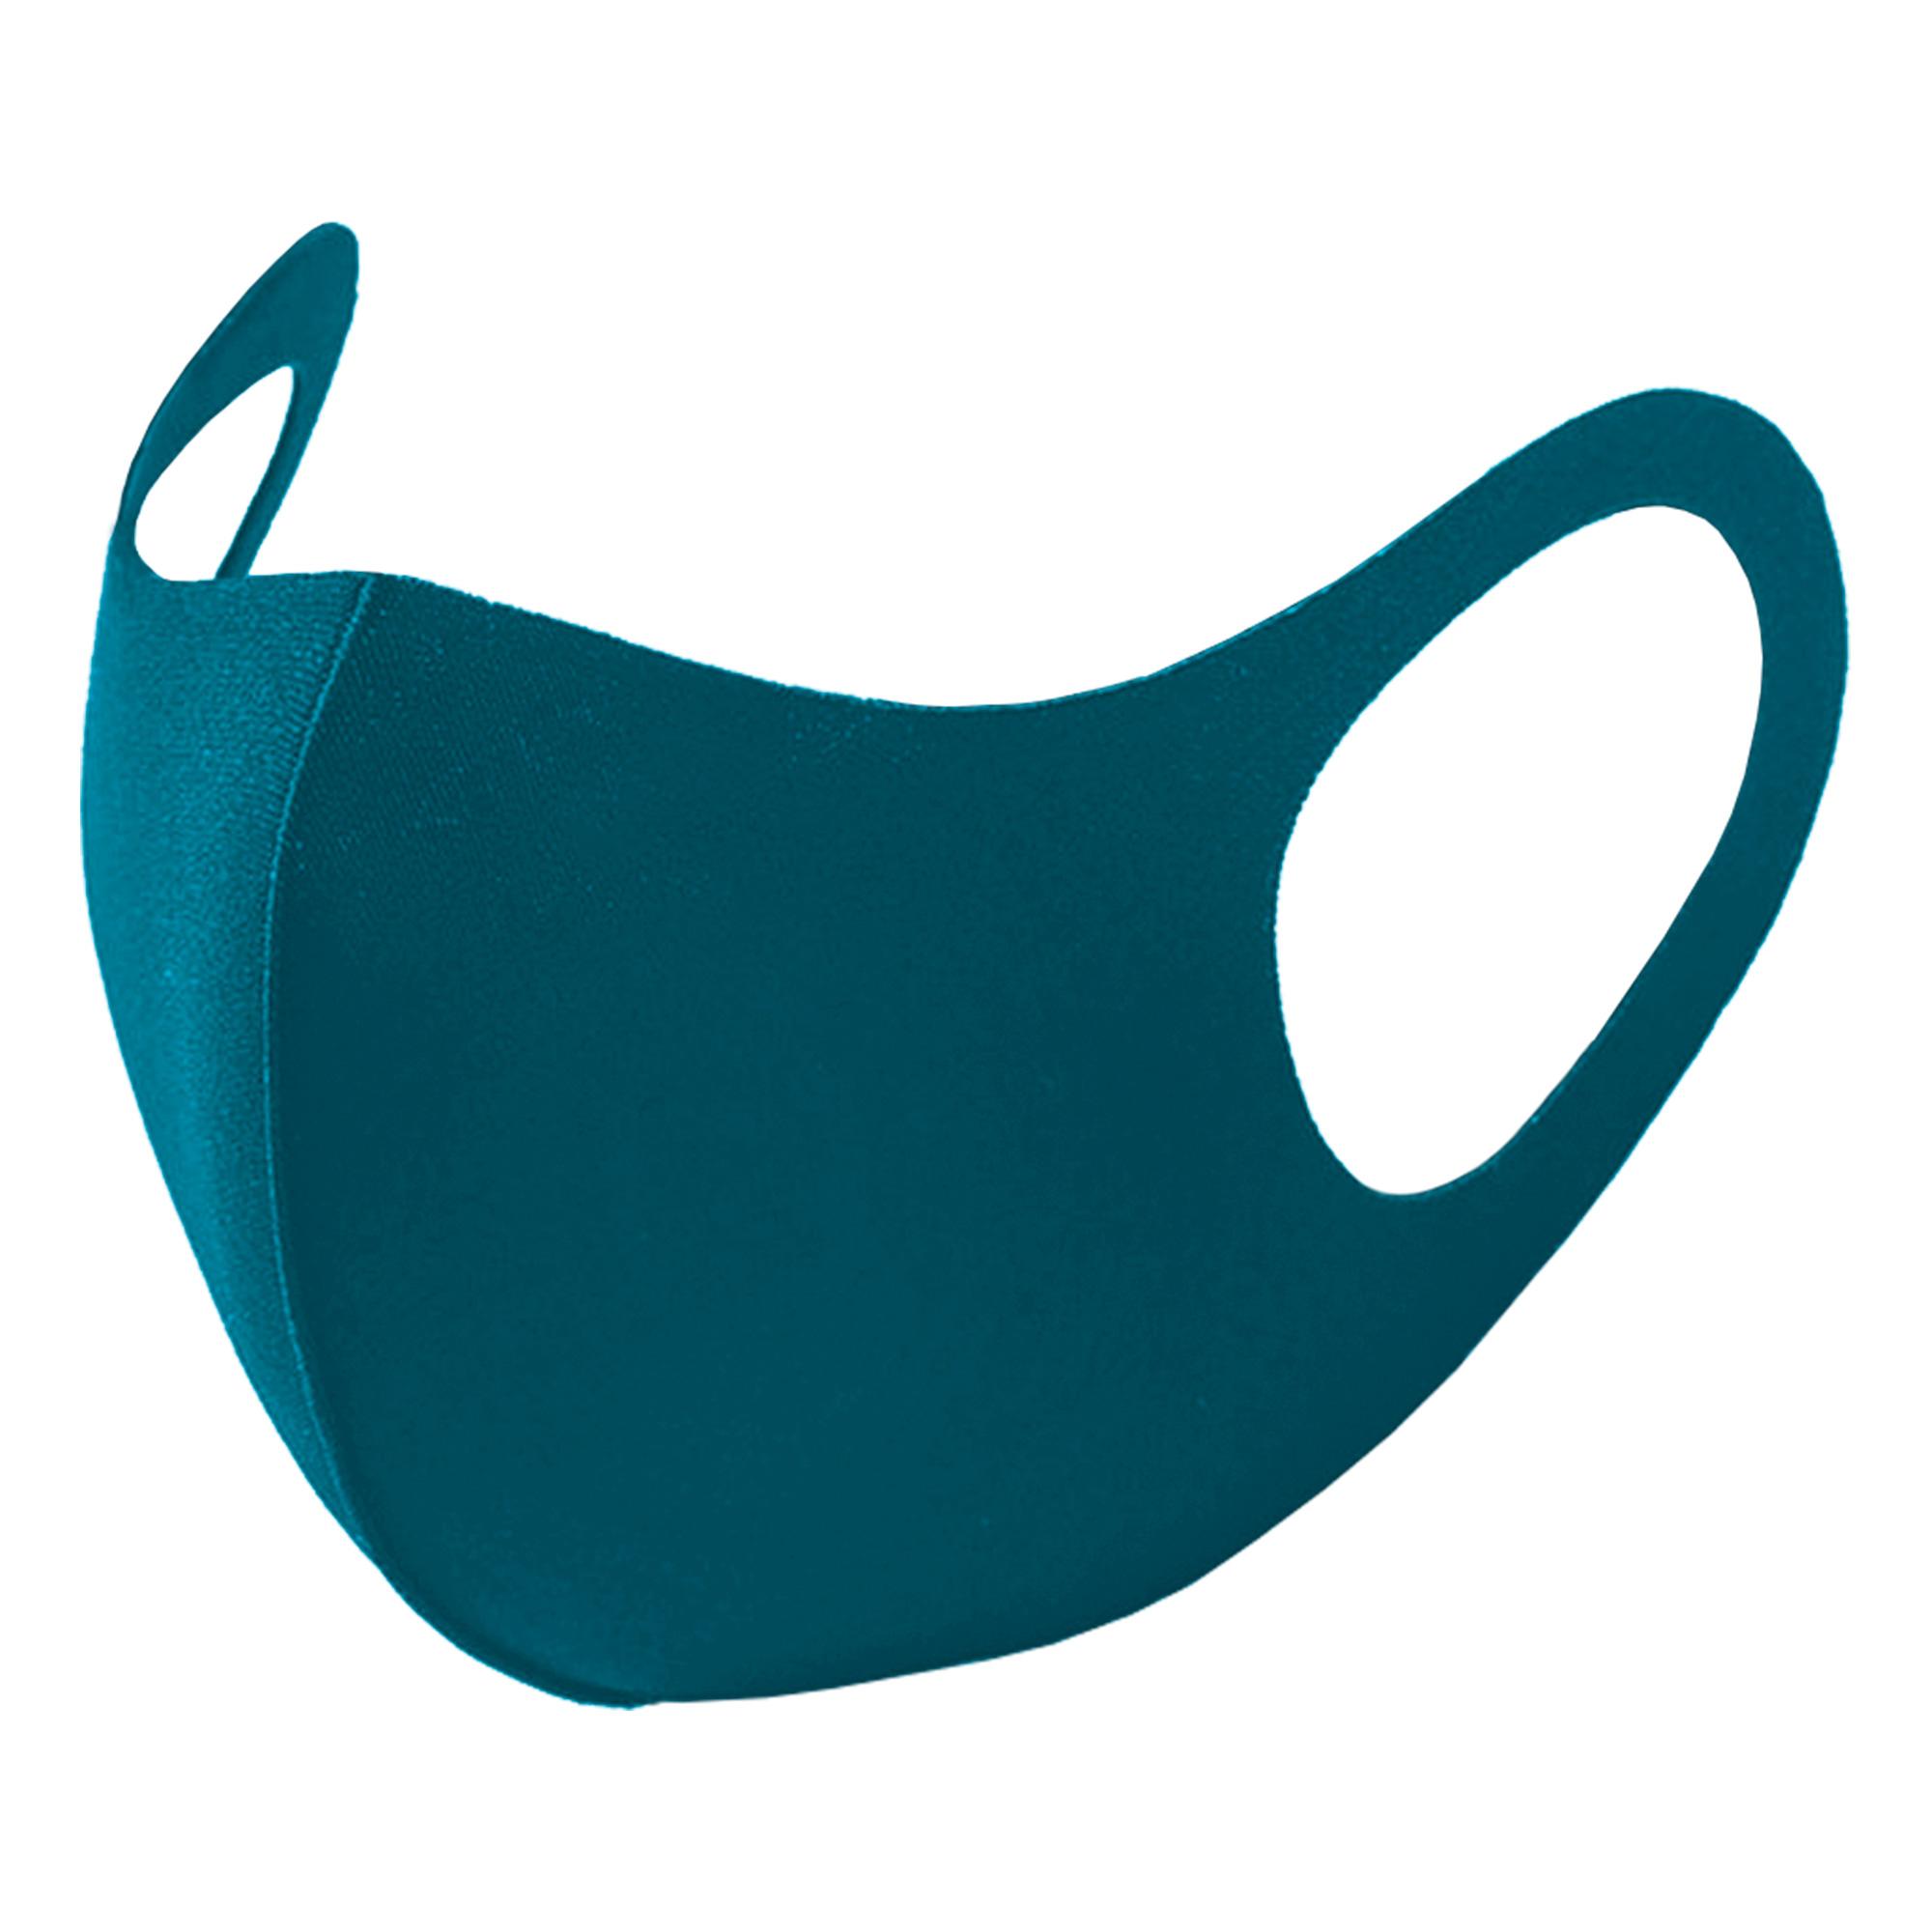 Máscara Multiesportiva com Elastano para Proteção Facial 09115